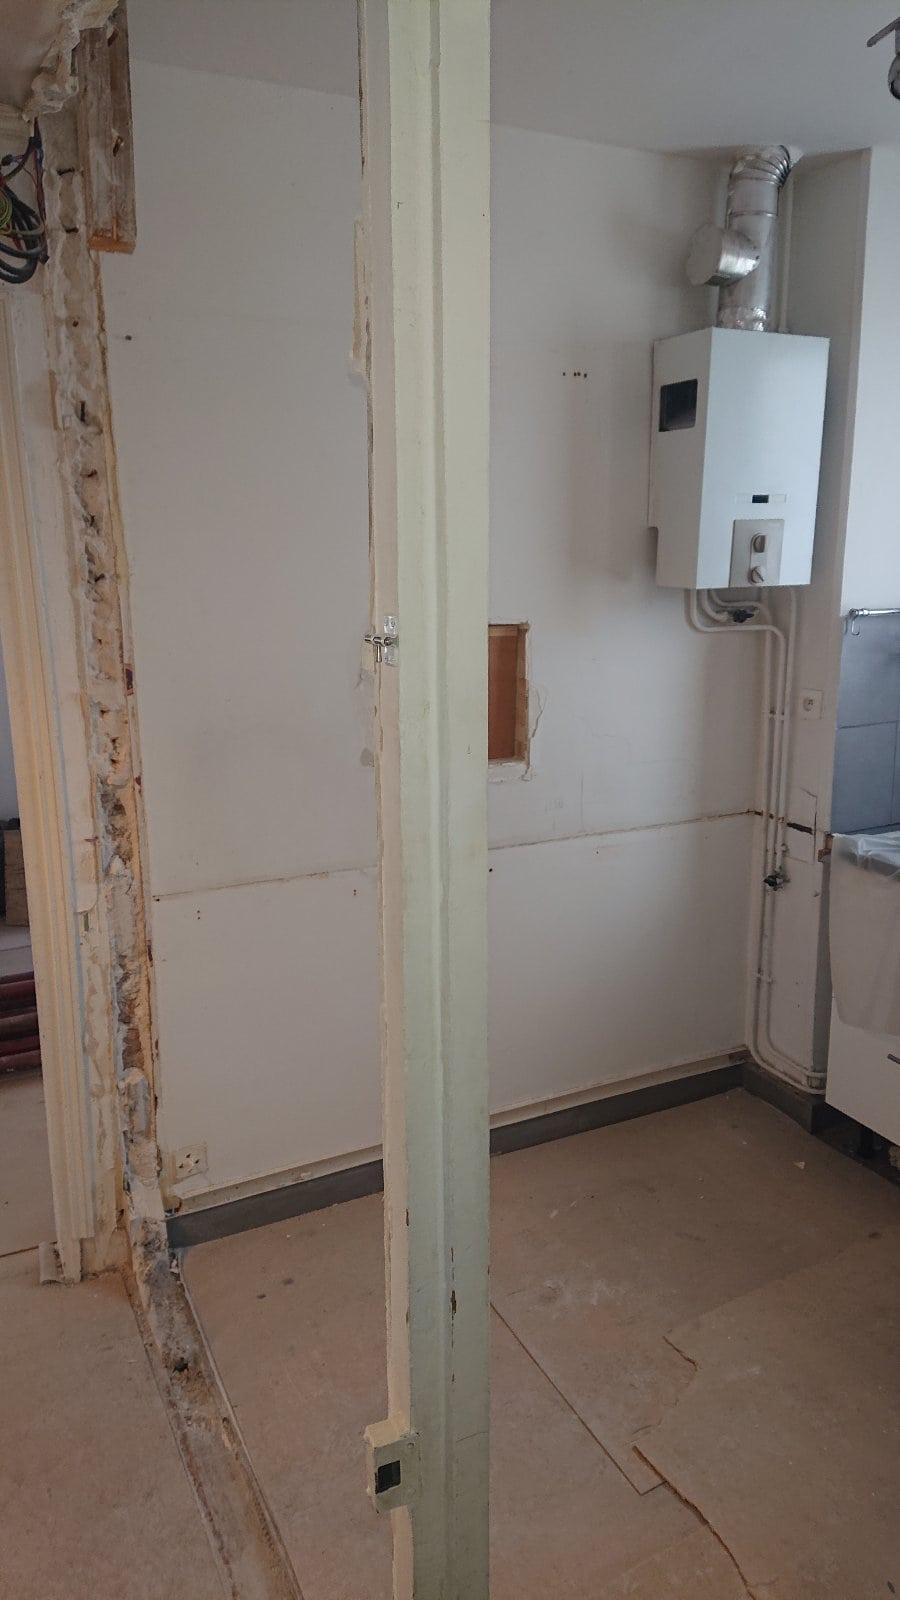 Agrandissement d'une baie dans le mur porteur dans l'appartement à Cagnes sur Mer. Renforcement par structure métallique. - Murs porteurs